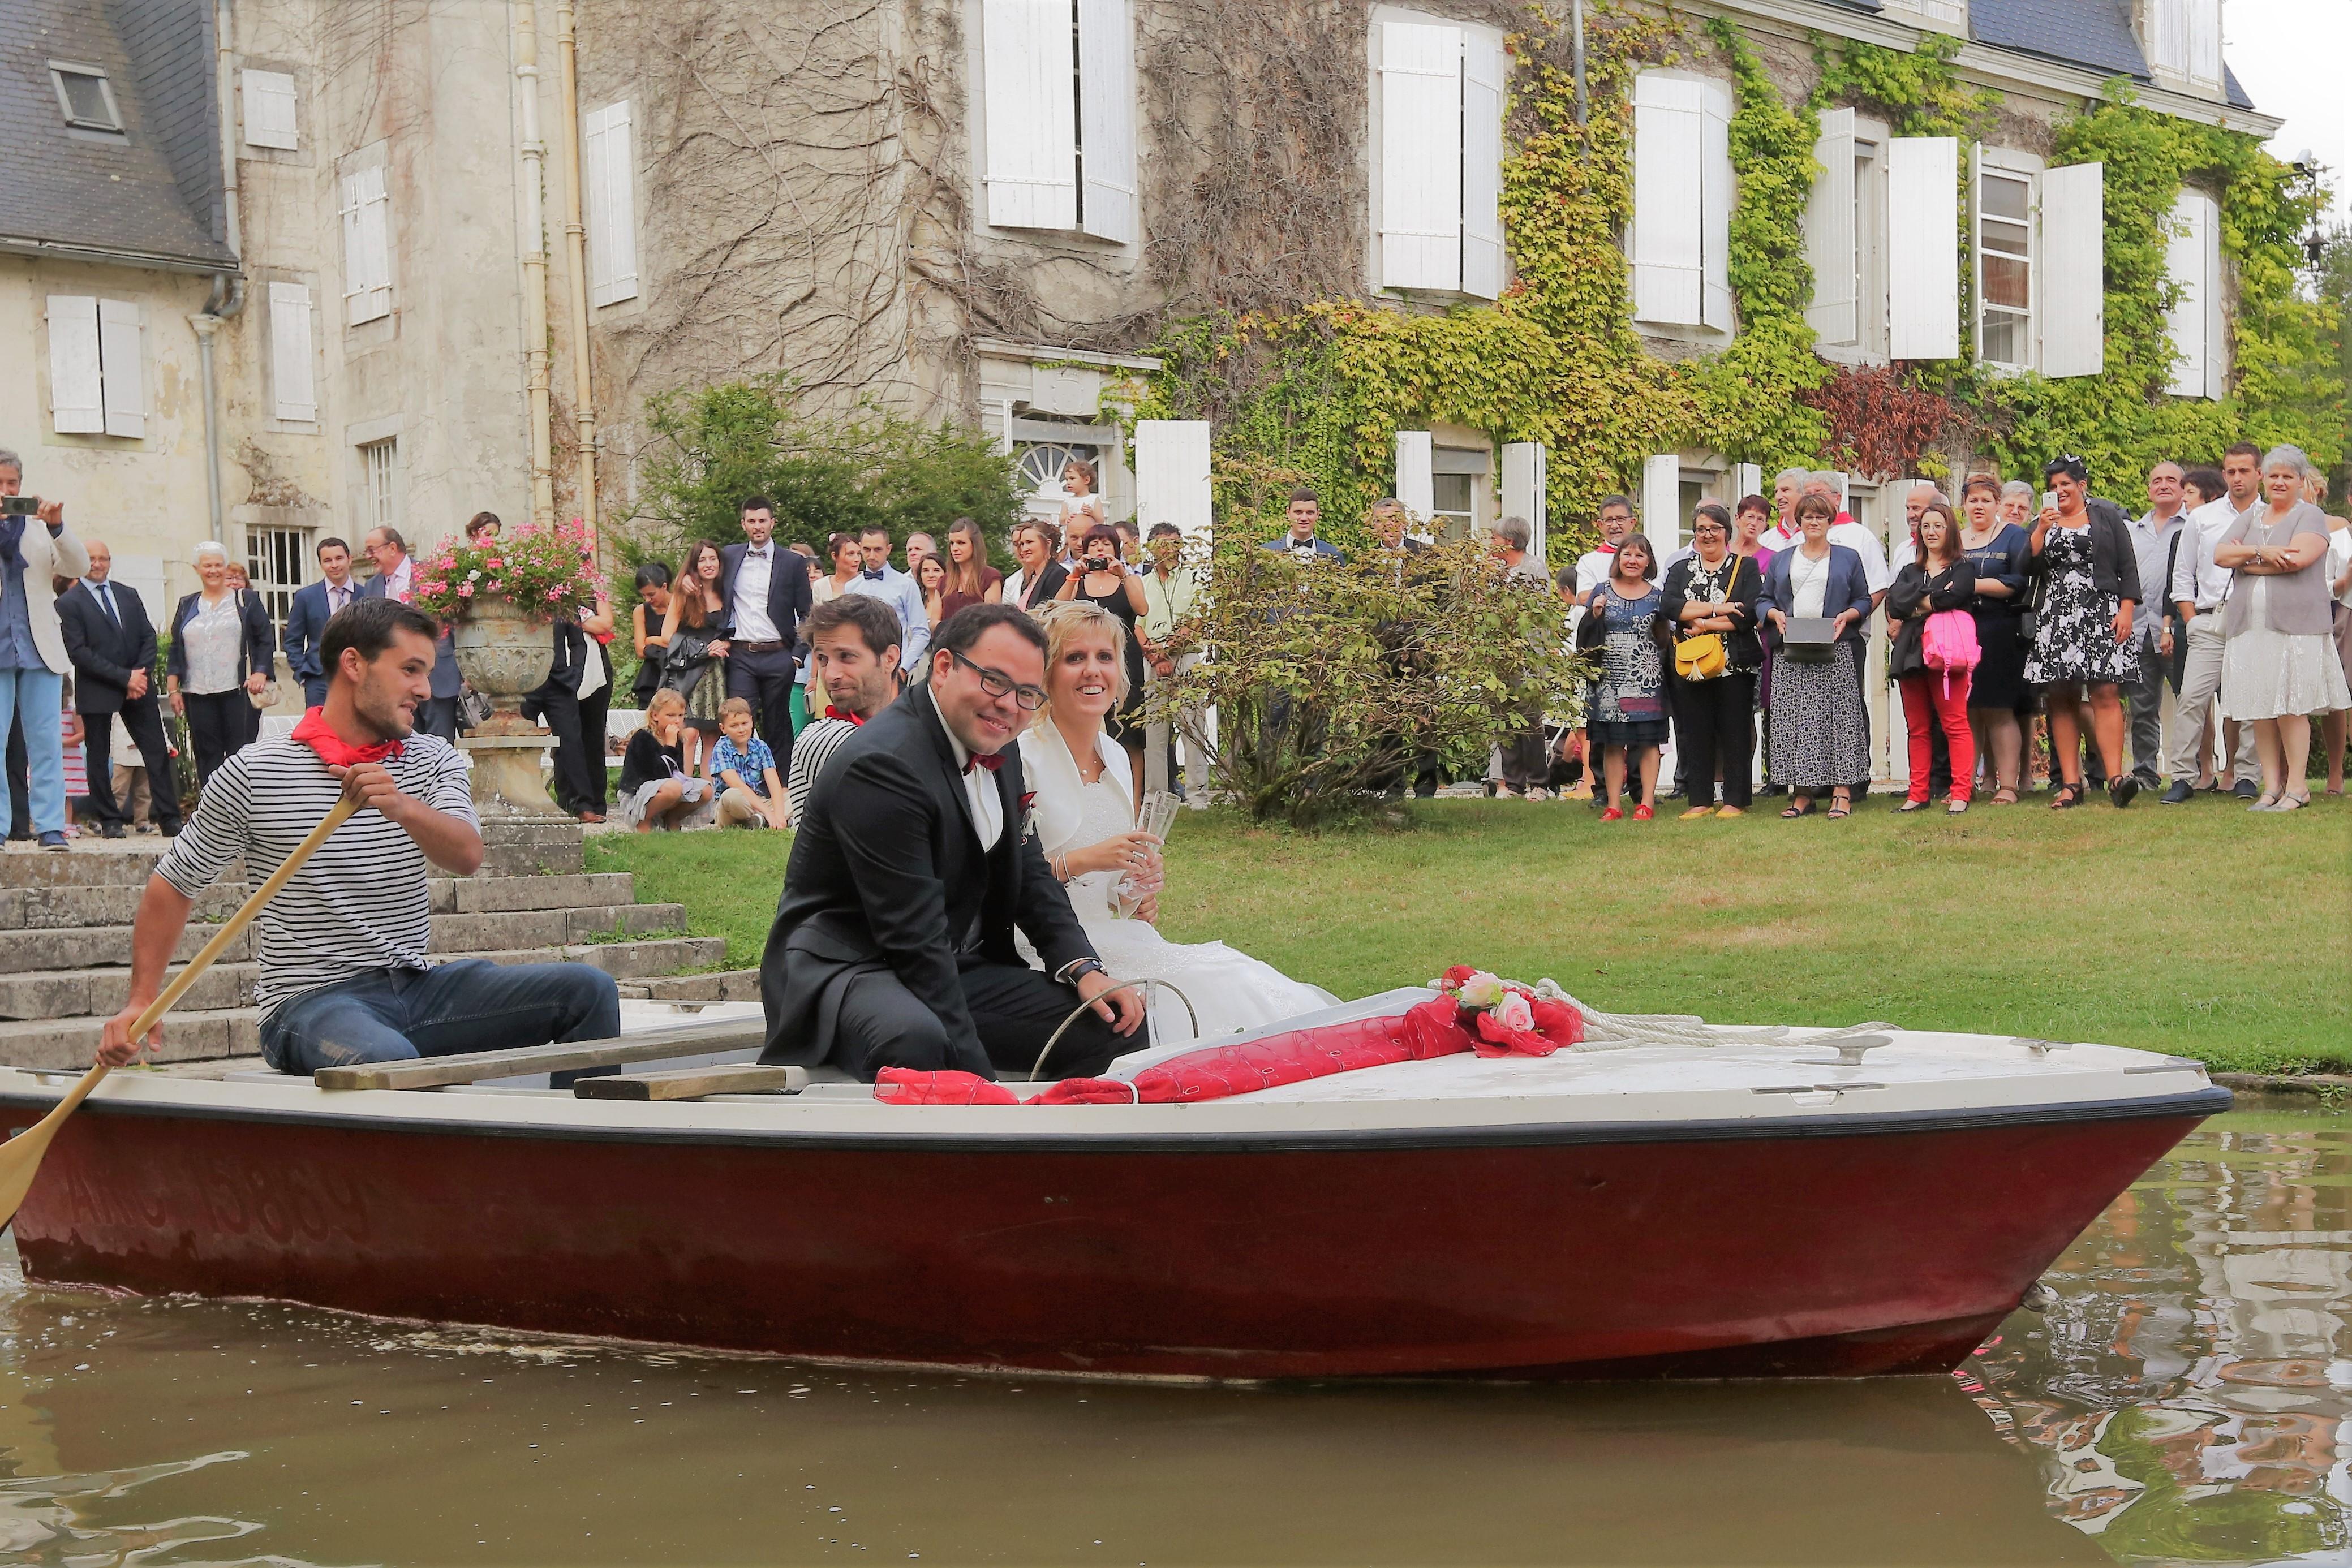 La barque des mariés